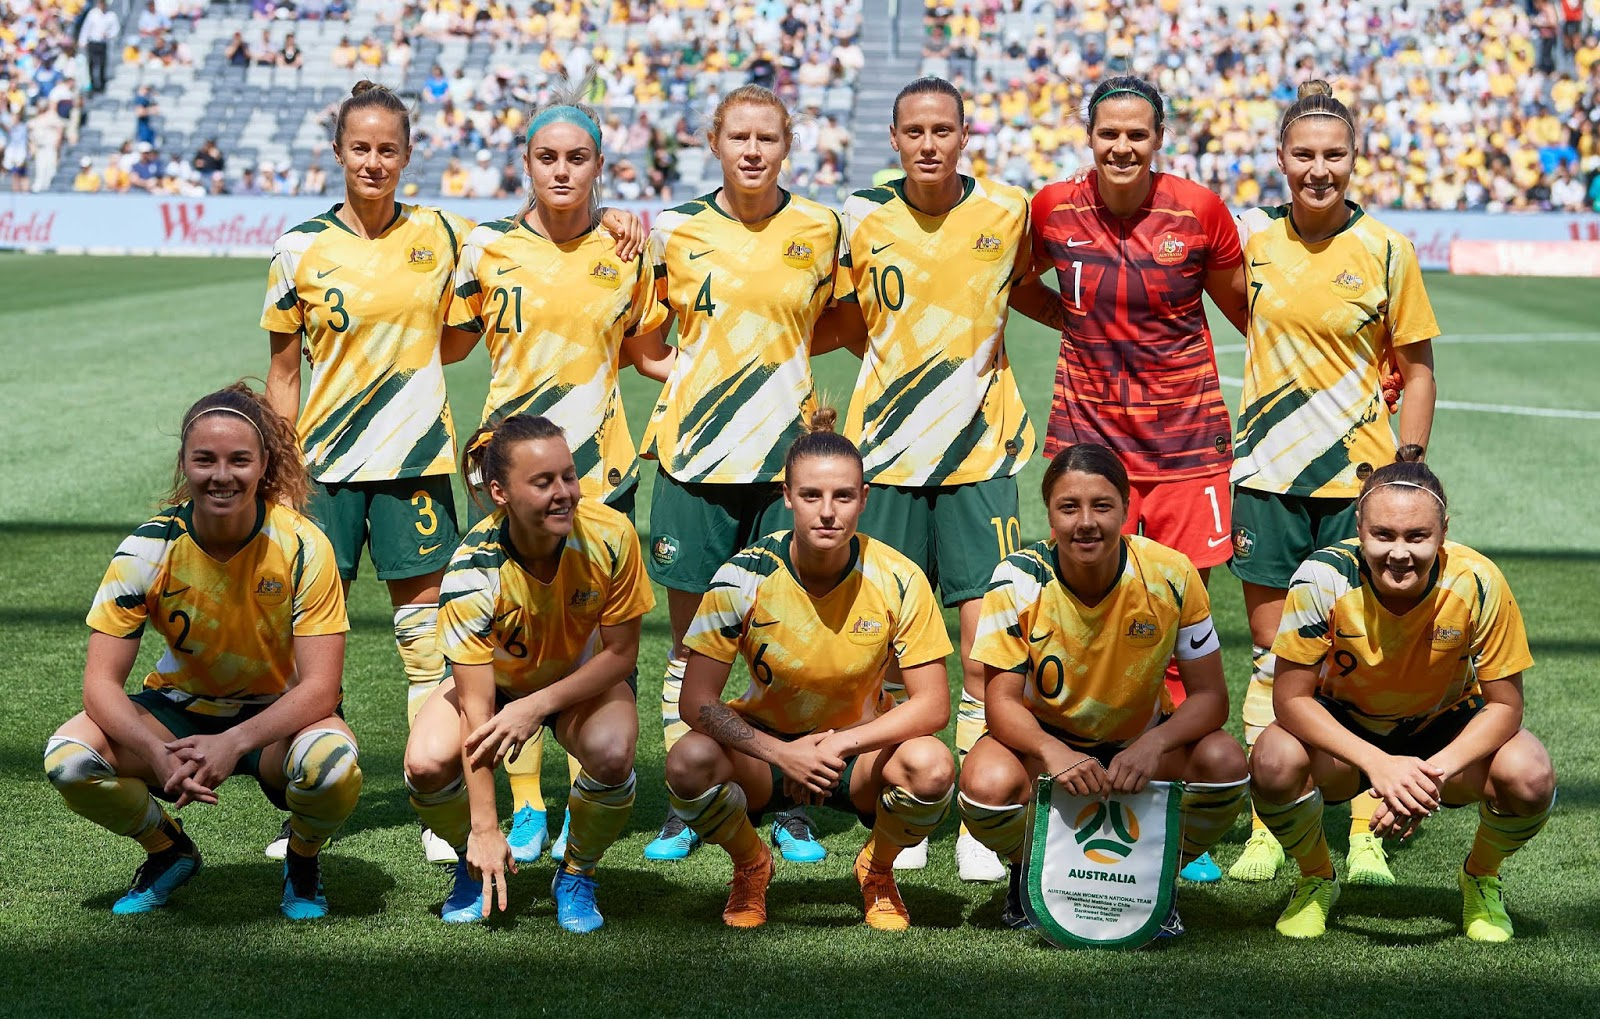 Formación de selección femenina de Australia ante Chile, amistoso disputado el 9 de noviembre de 2019